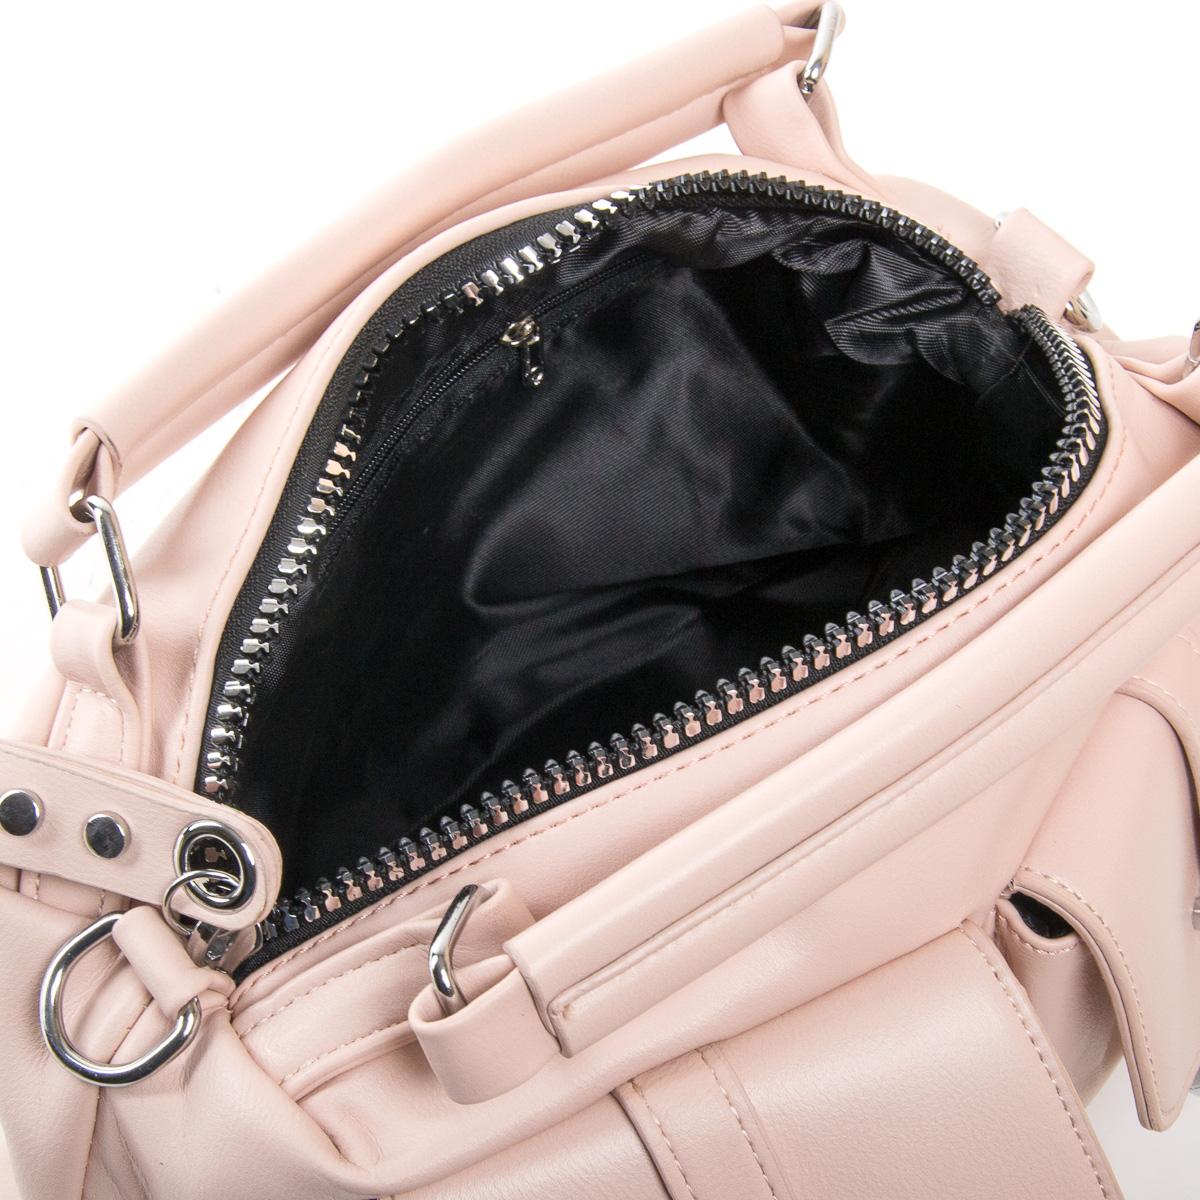 Сумка Женская Классическая иск-кожа FASHION 01-03 5709 pink - фото 5